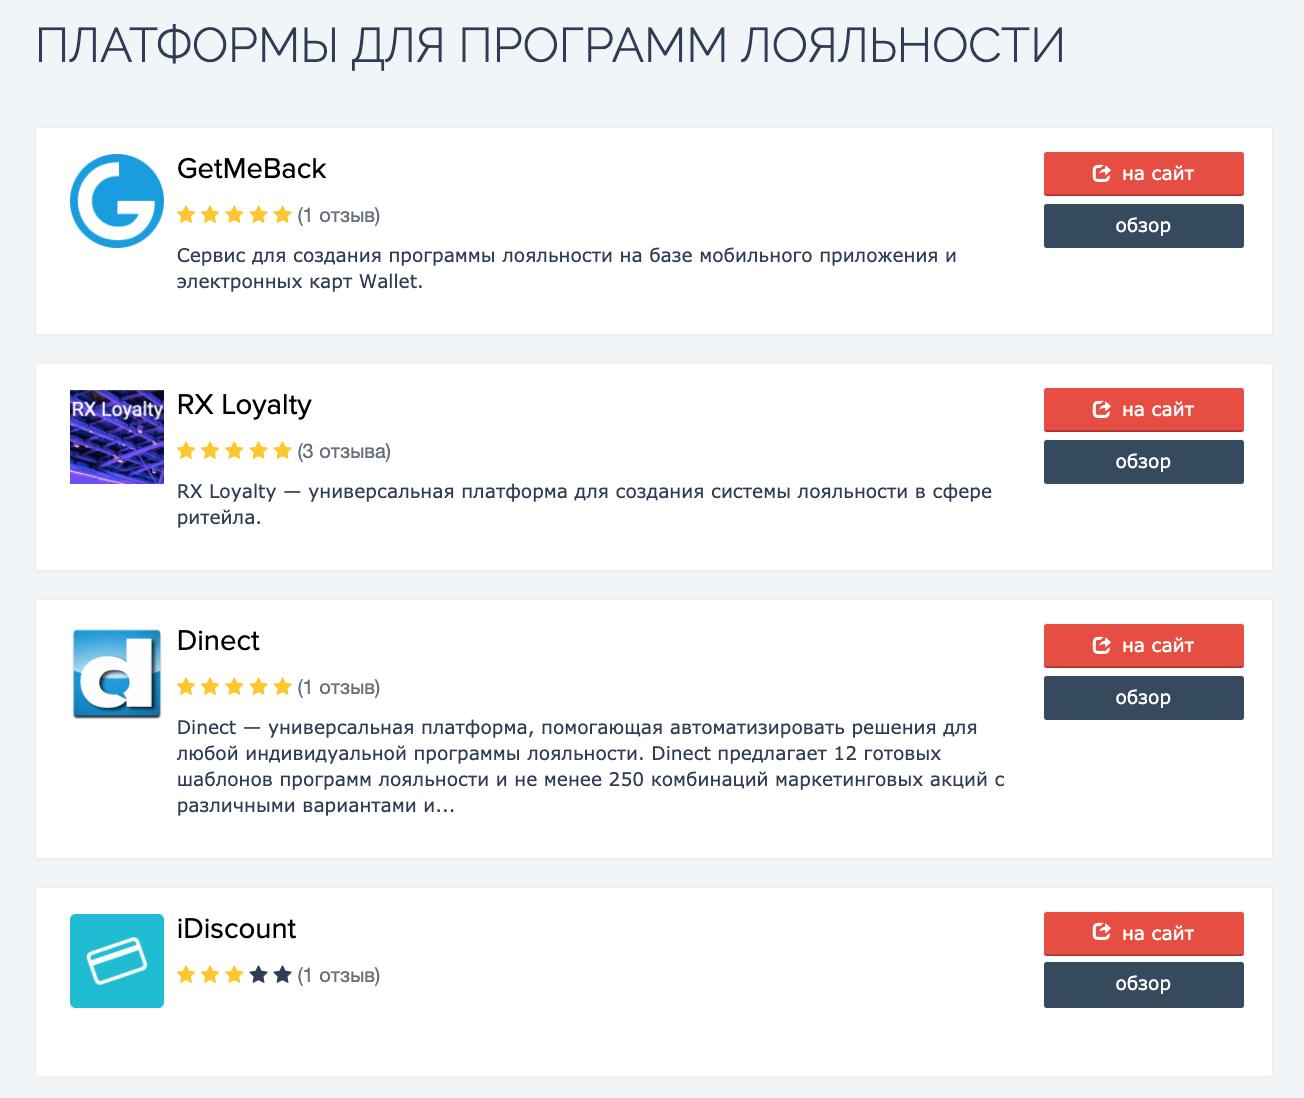 Рейтинг платформ для создания программ лояльности, составленный сайтом отзывов о сервисах для бизнеса CRMindex